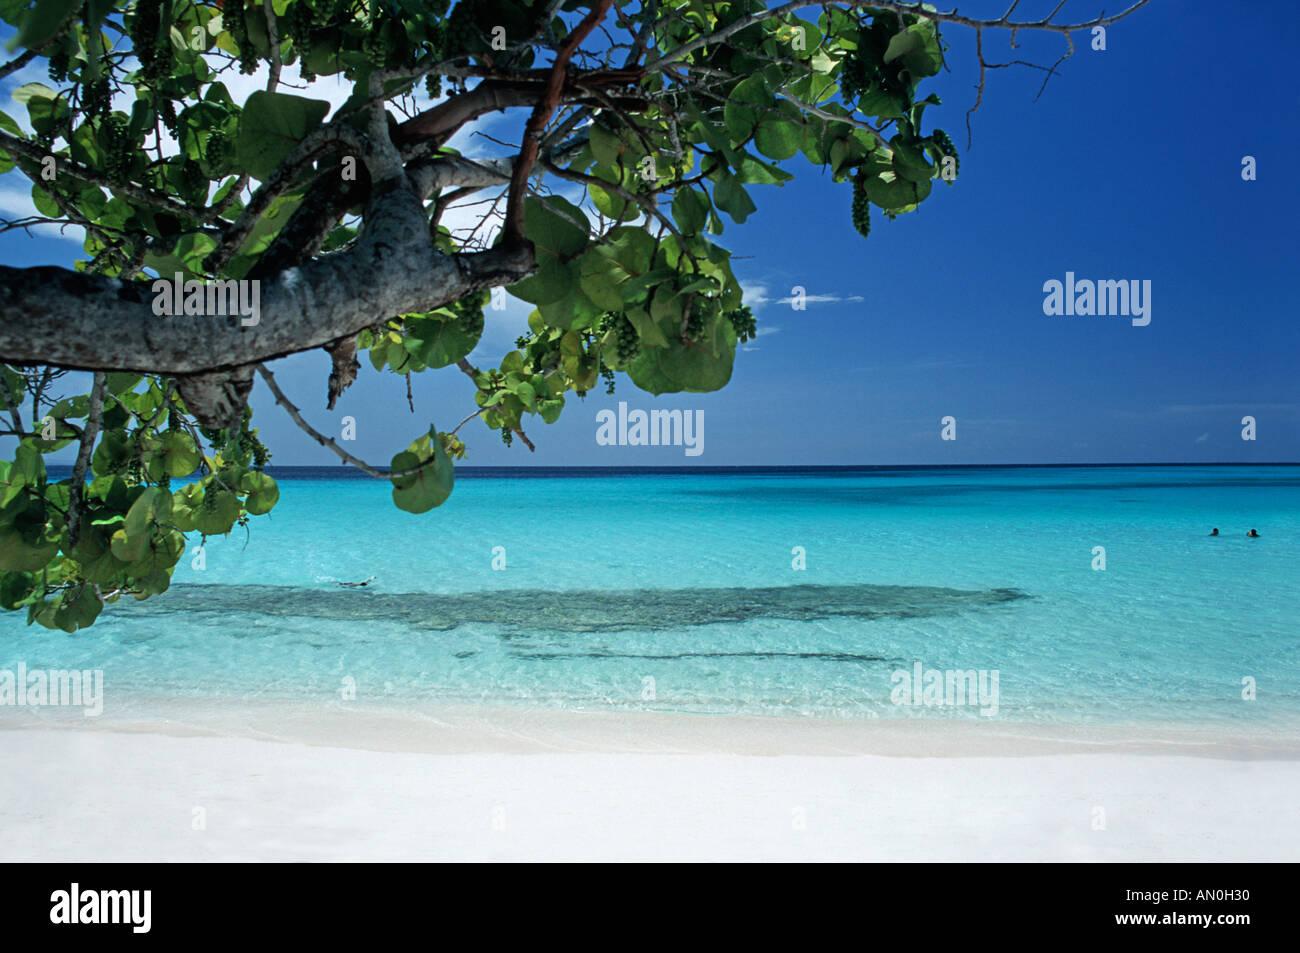 The beautiful tropical beach at Playa Pesquero near Guadarlavaca Holguin province Cuba - Stock Image